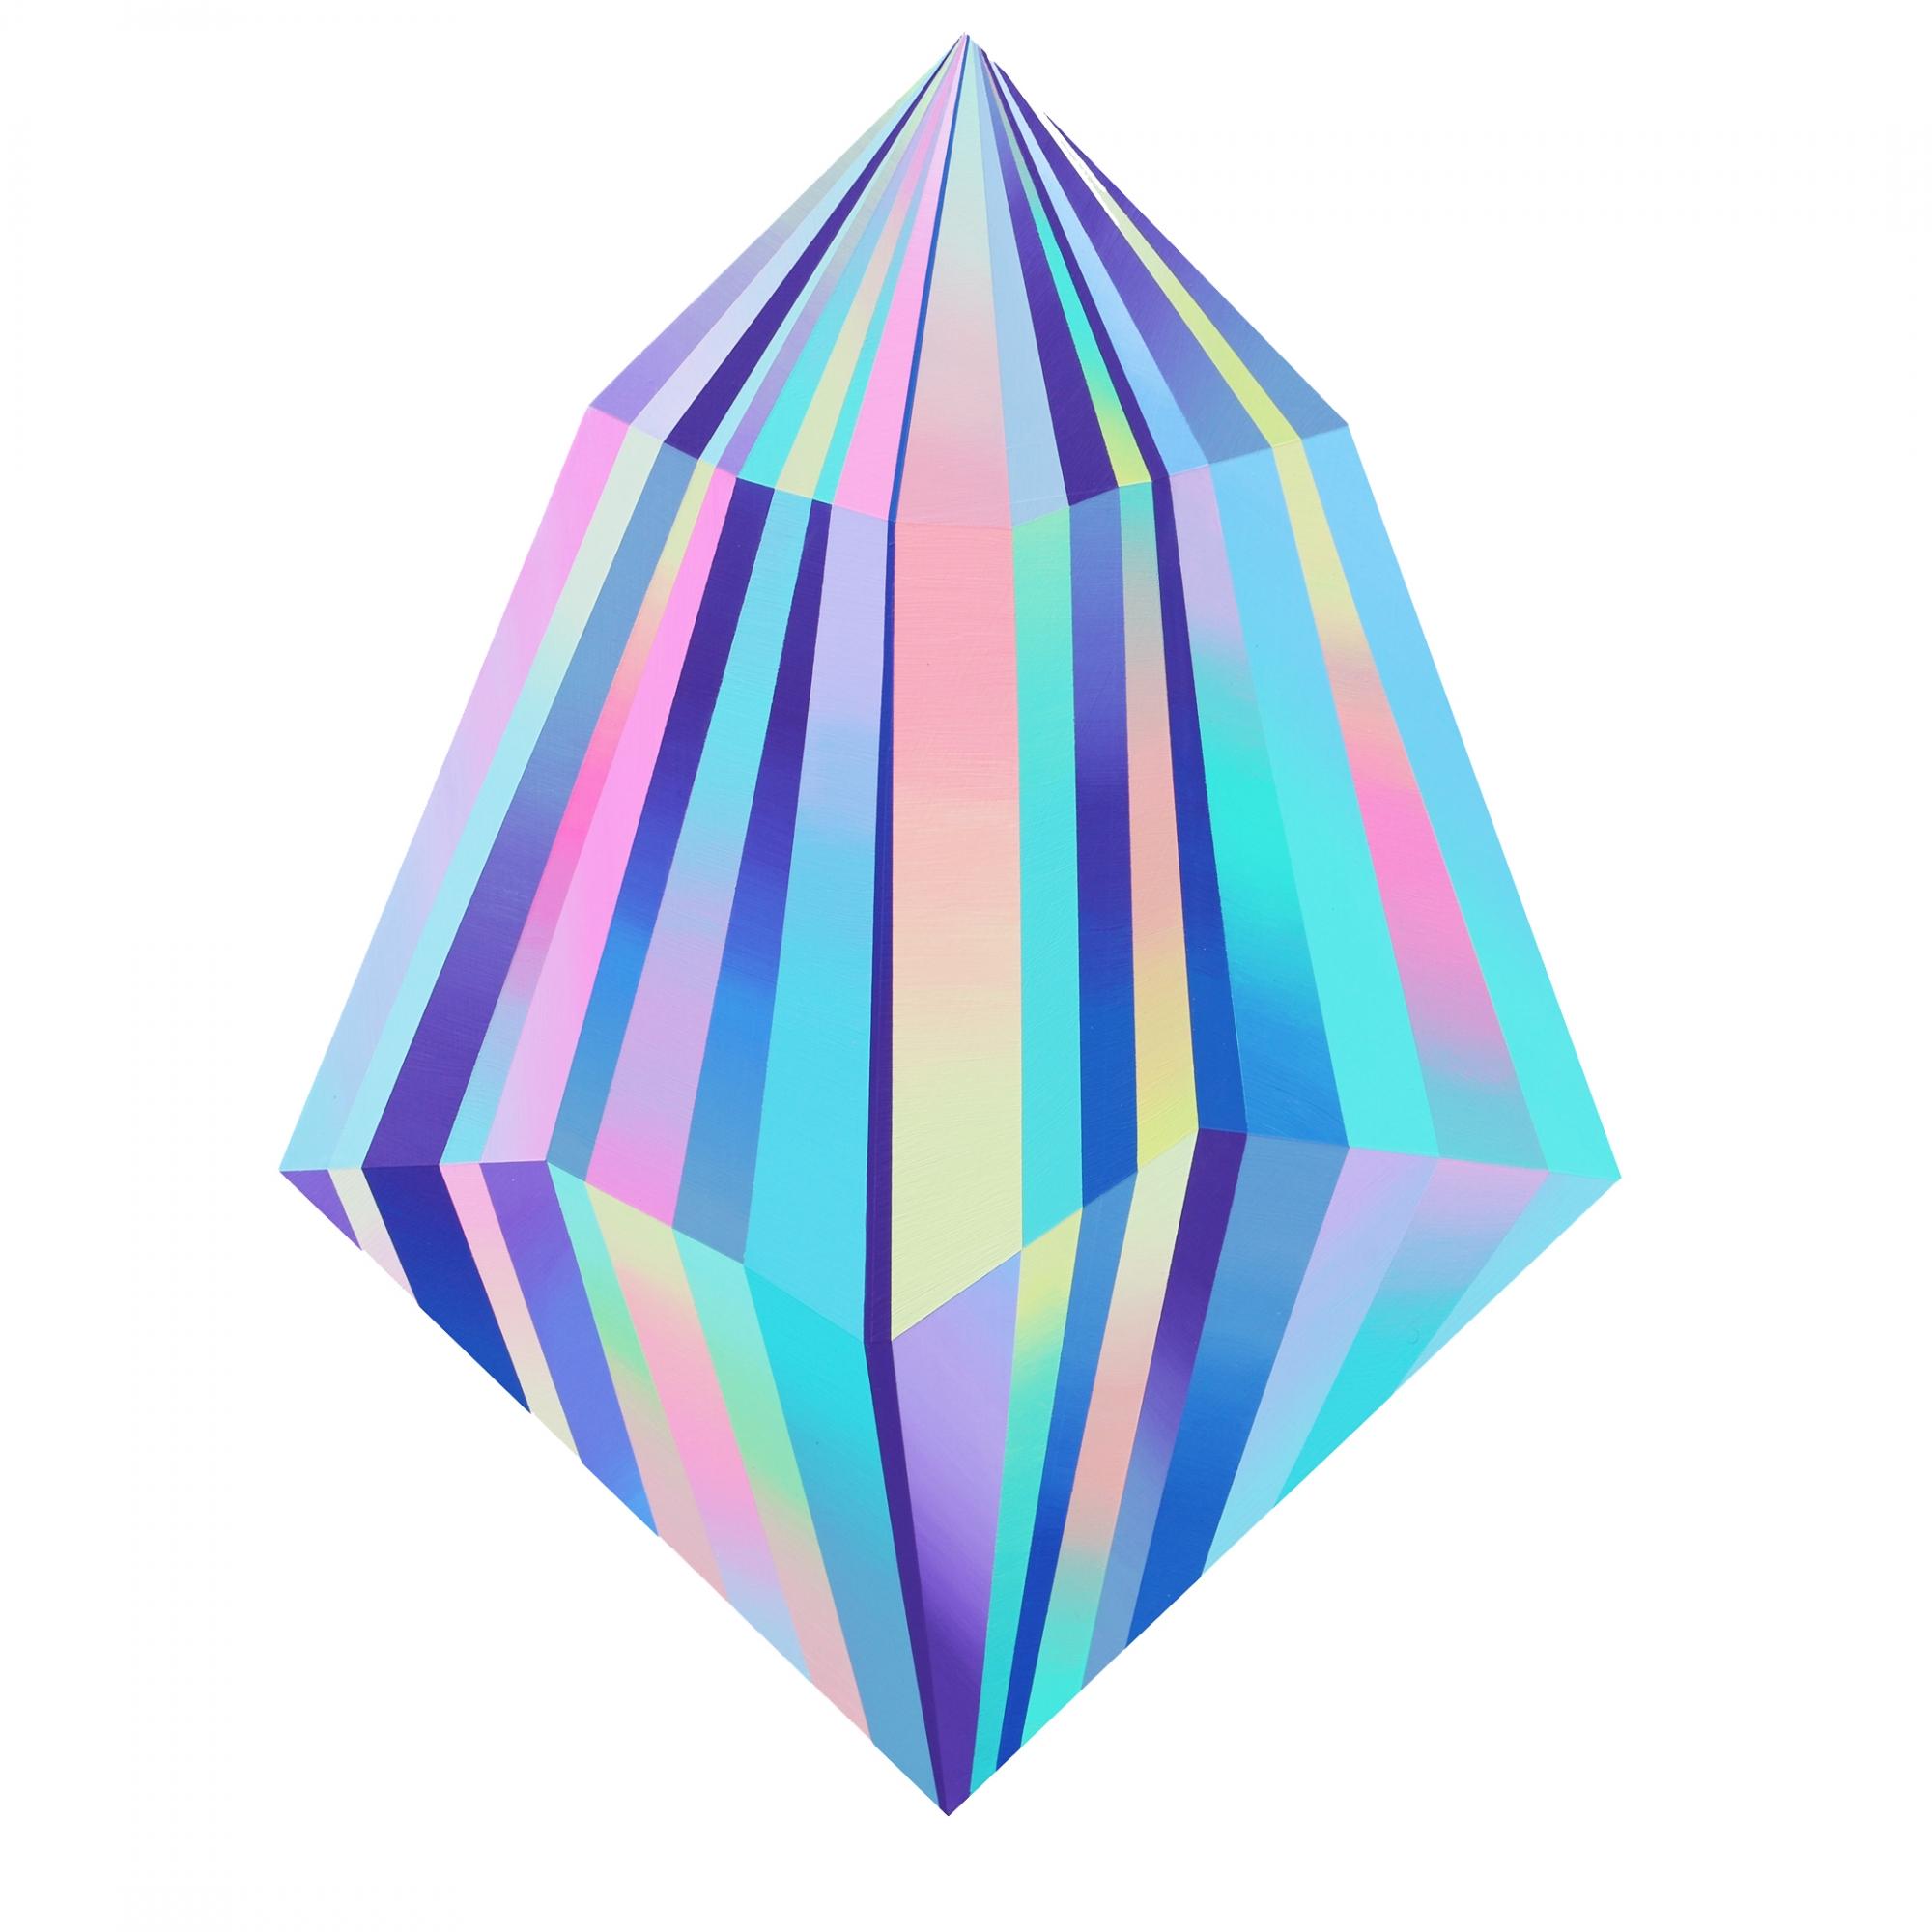 Warm Ice Crystal  by Kristofir  Dean